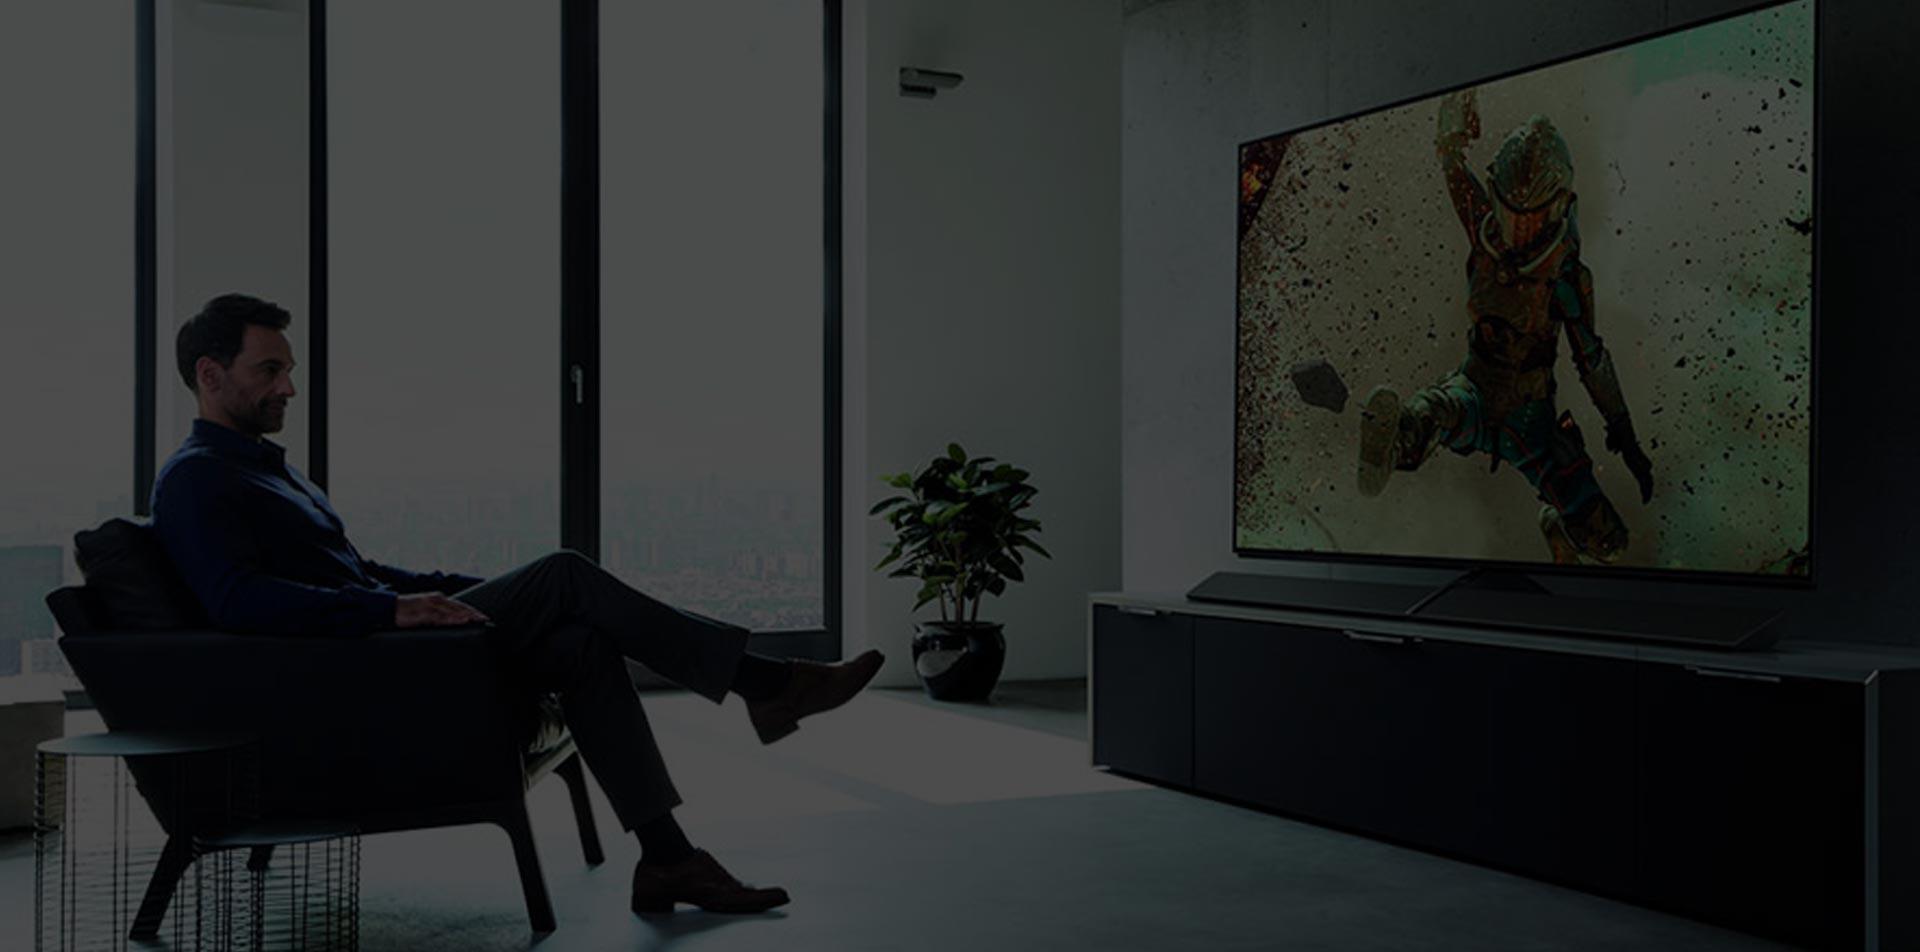 تعمیر صفحه نمایش تلویزیون سونی